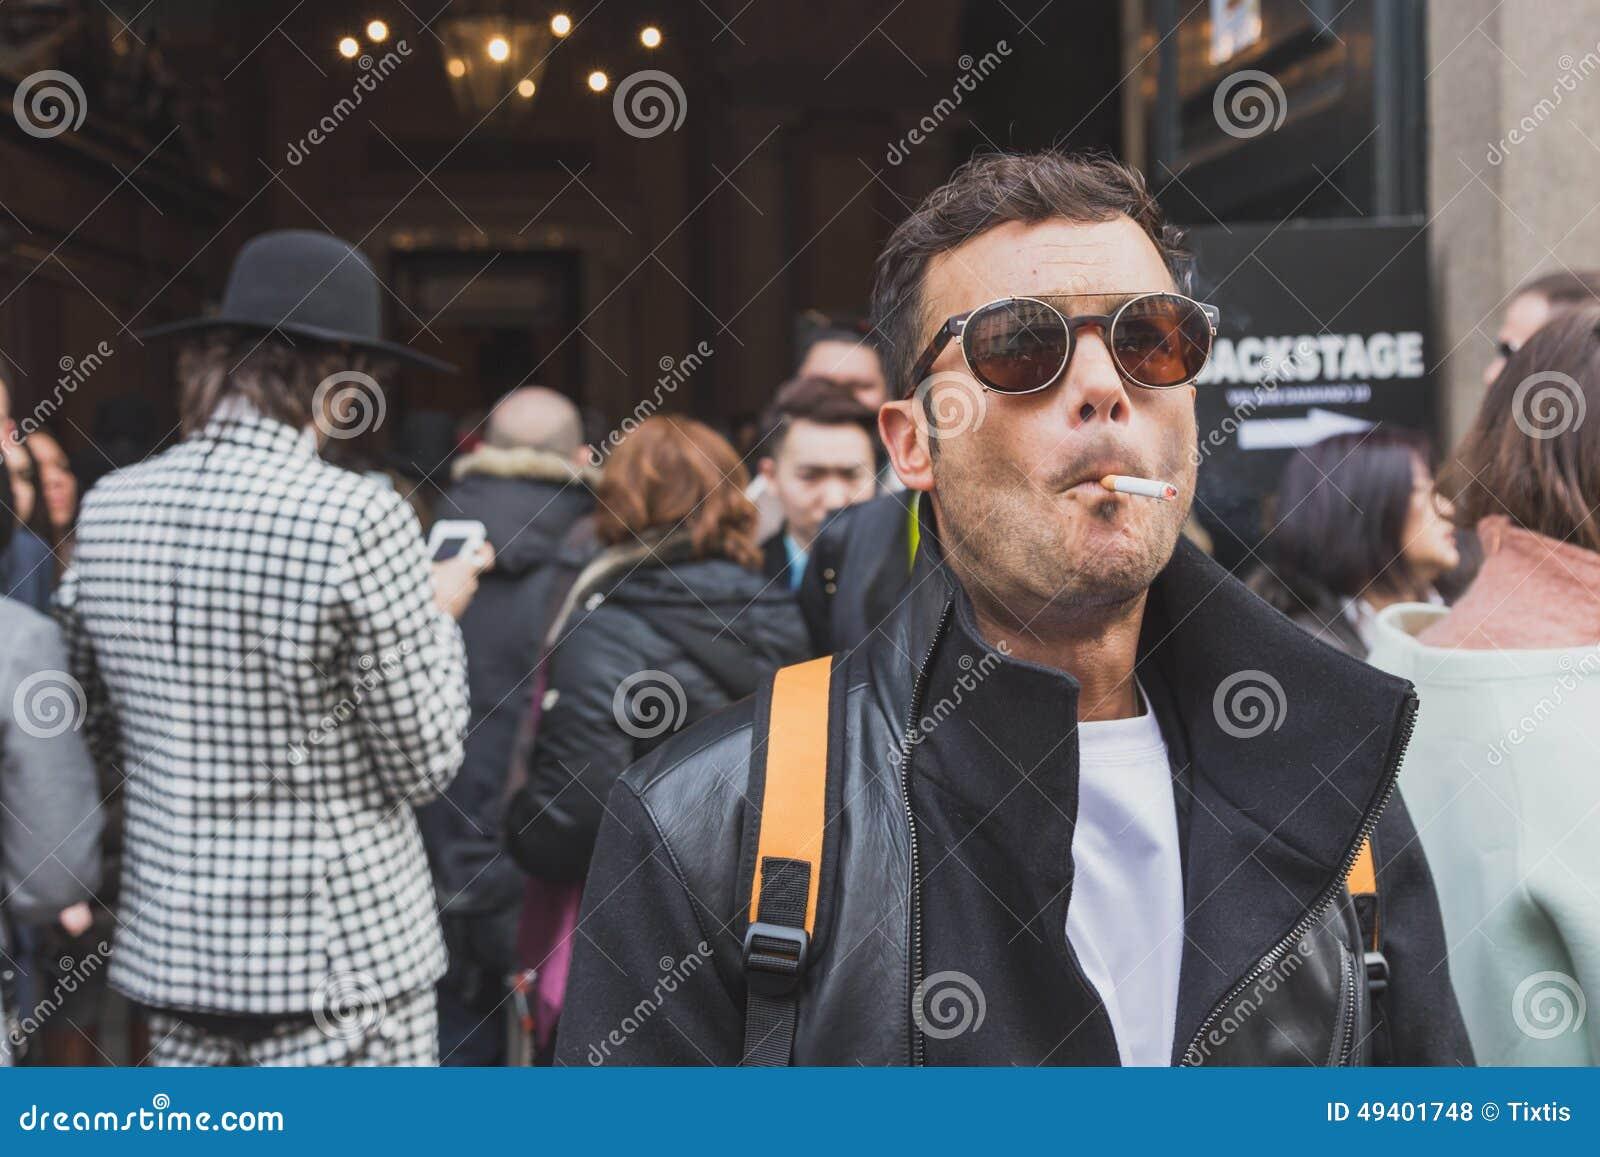 Download Leute Außerhalb Des Cavalli-Modeschaugebäudes Für Milan Mens Mode-Woche 2015 Redaktionelles Stockfoto - Bild von mailand, kleidung: 49401748